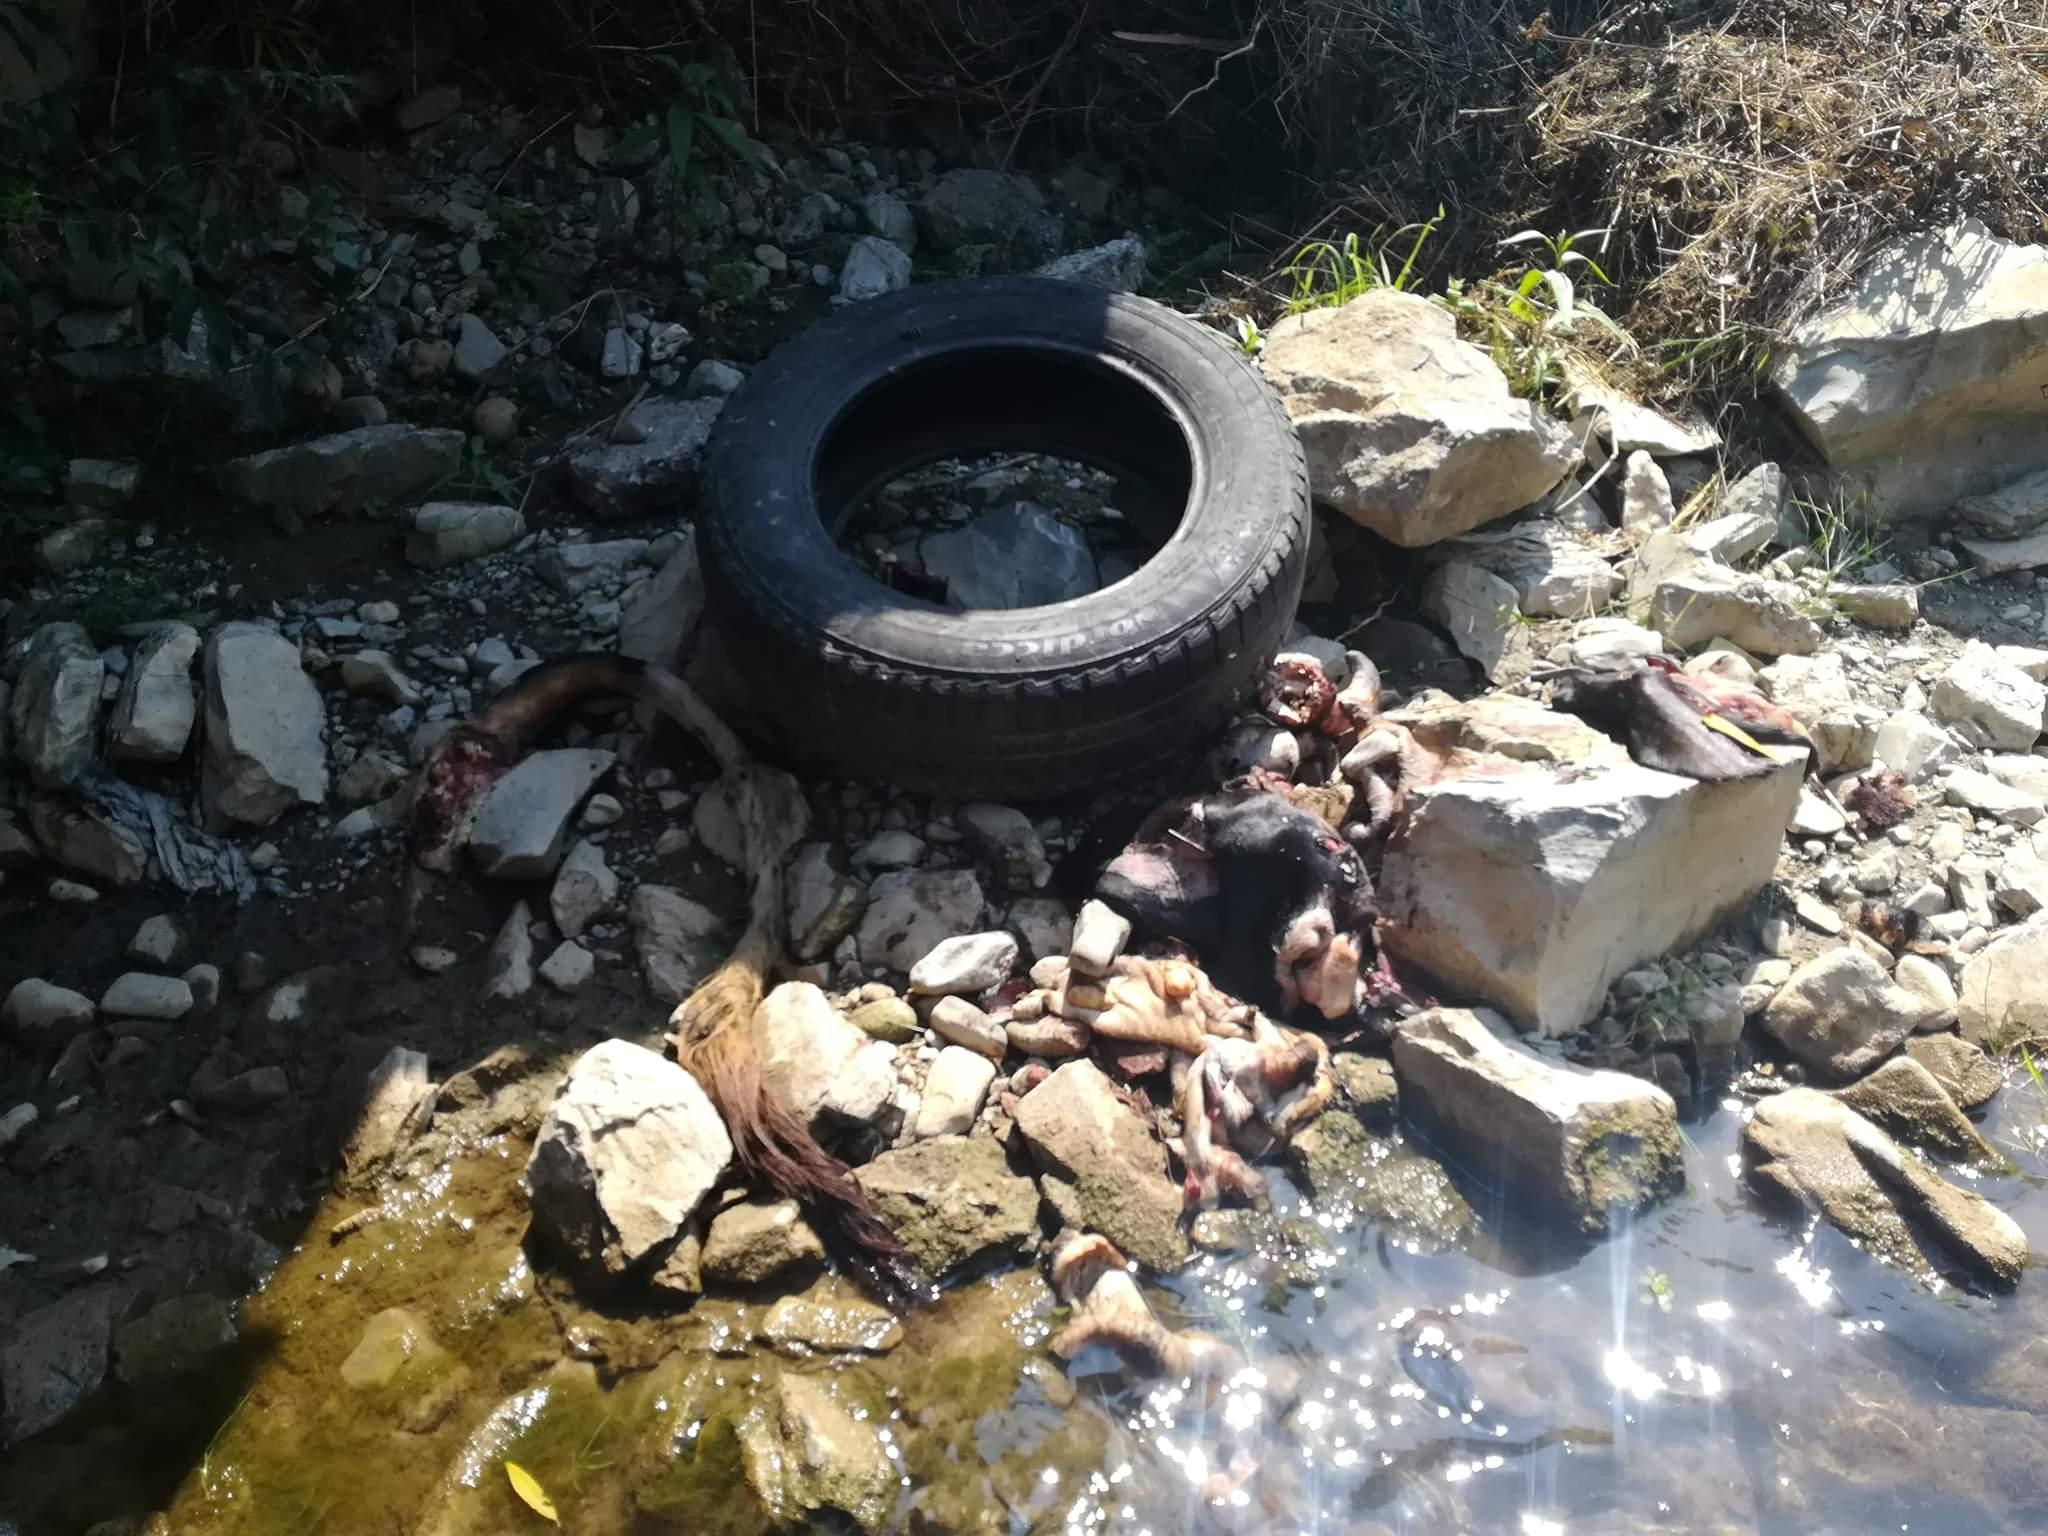 Kurbanski otpad u zeničkoj Babinoj rijeci (FOTO)